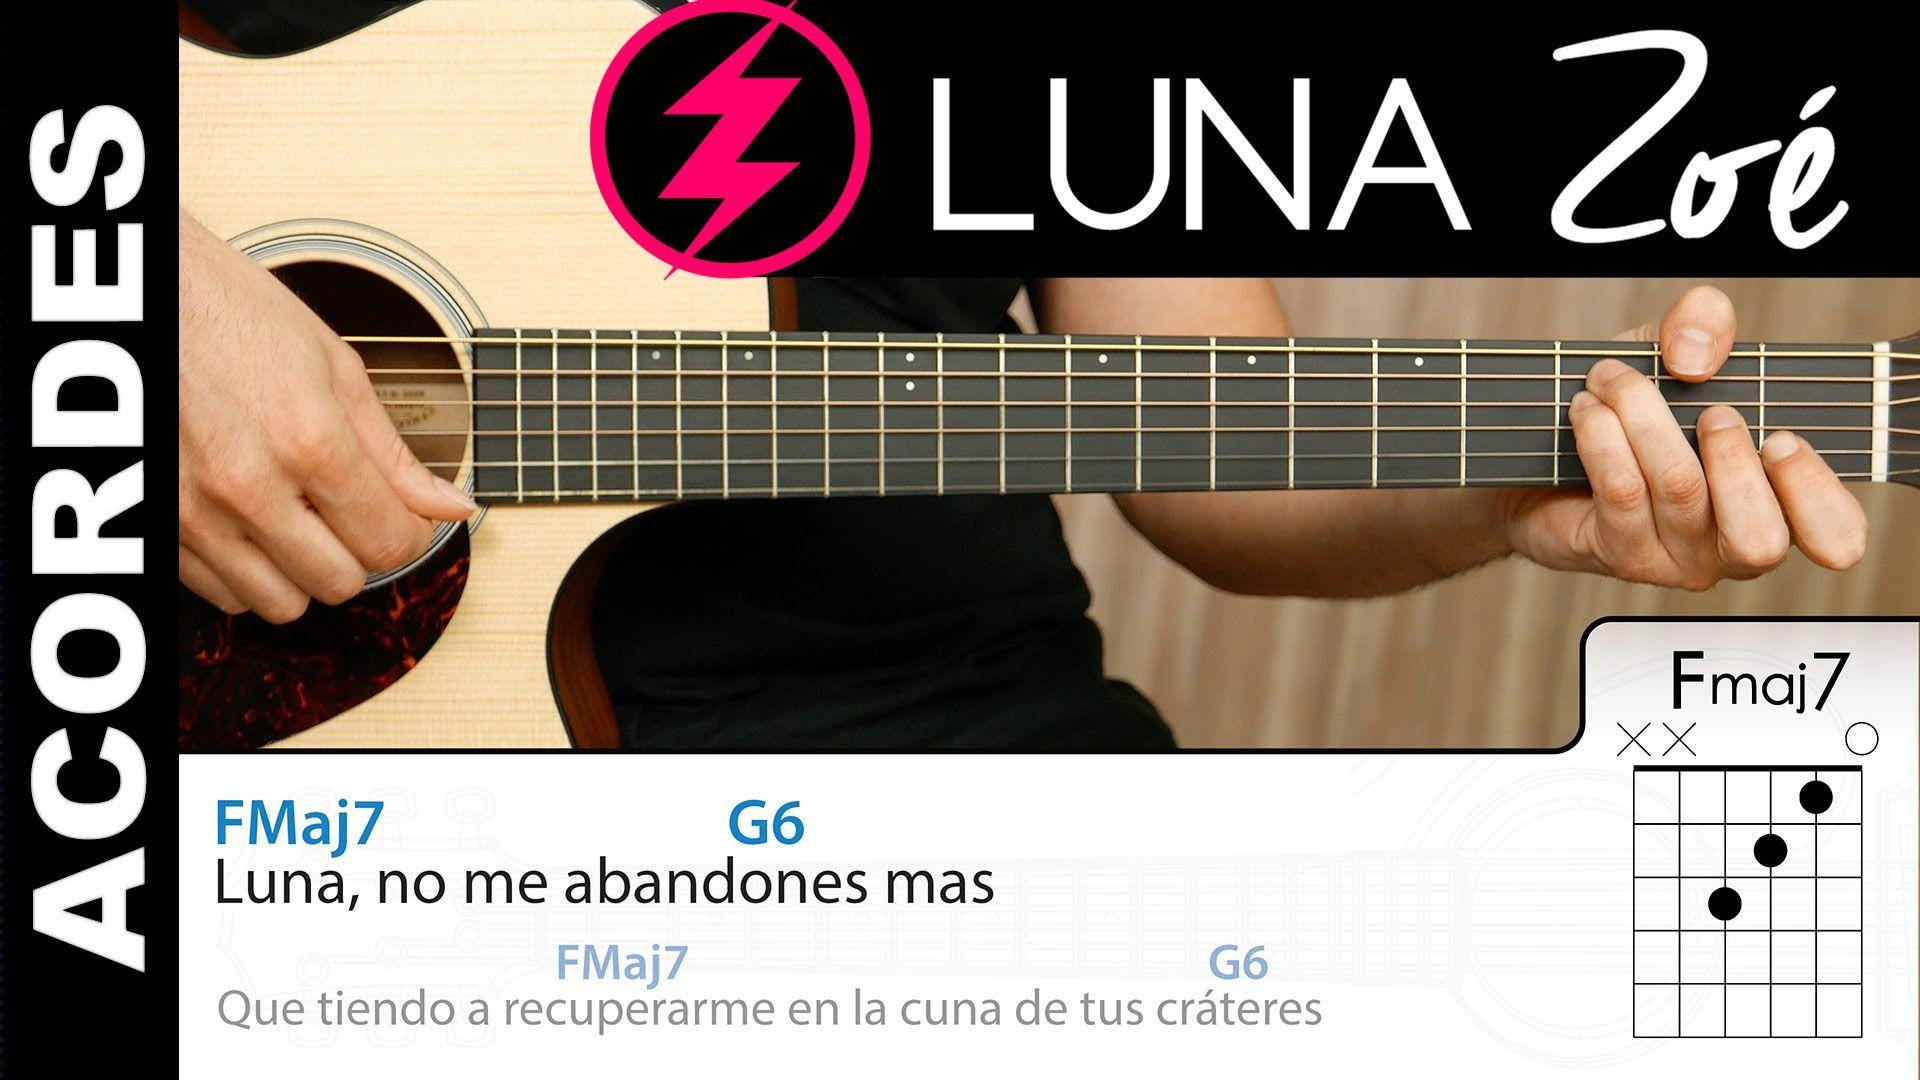 Luna De Zoé Guitarra Acordes Y Letra Tutorial Demo Acordes Acorde E Guitarras Letras